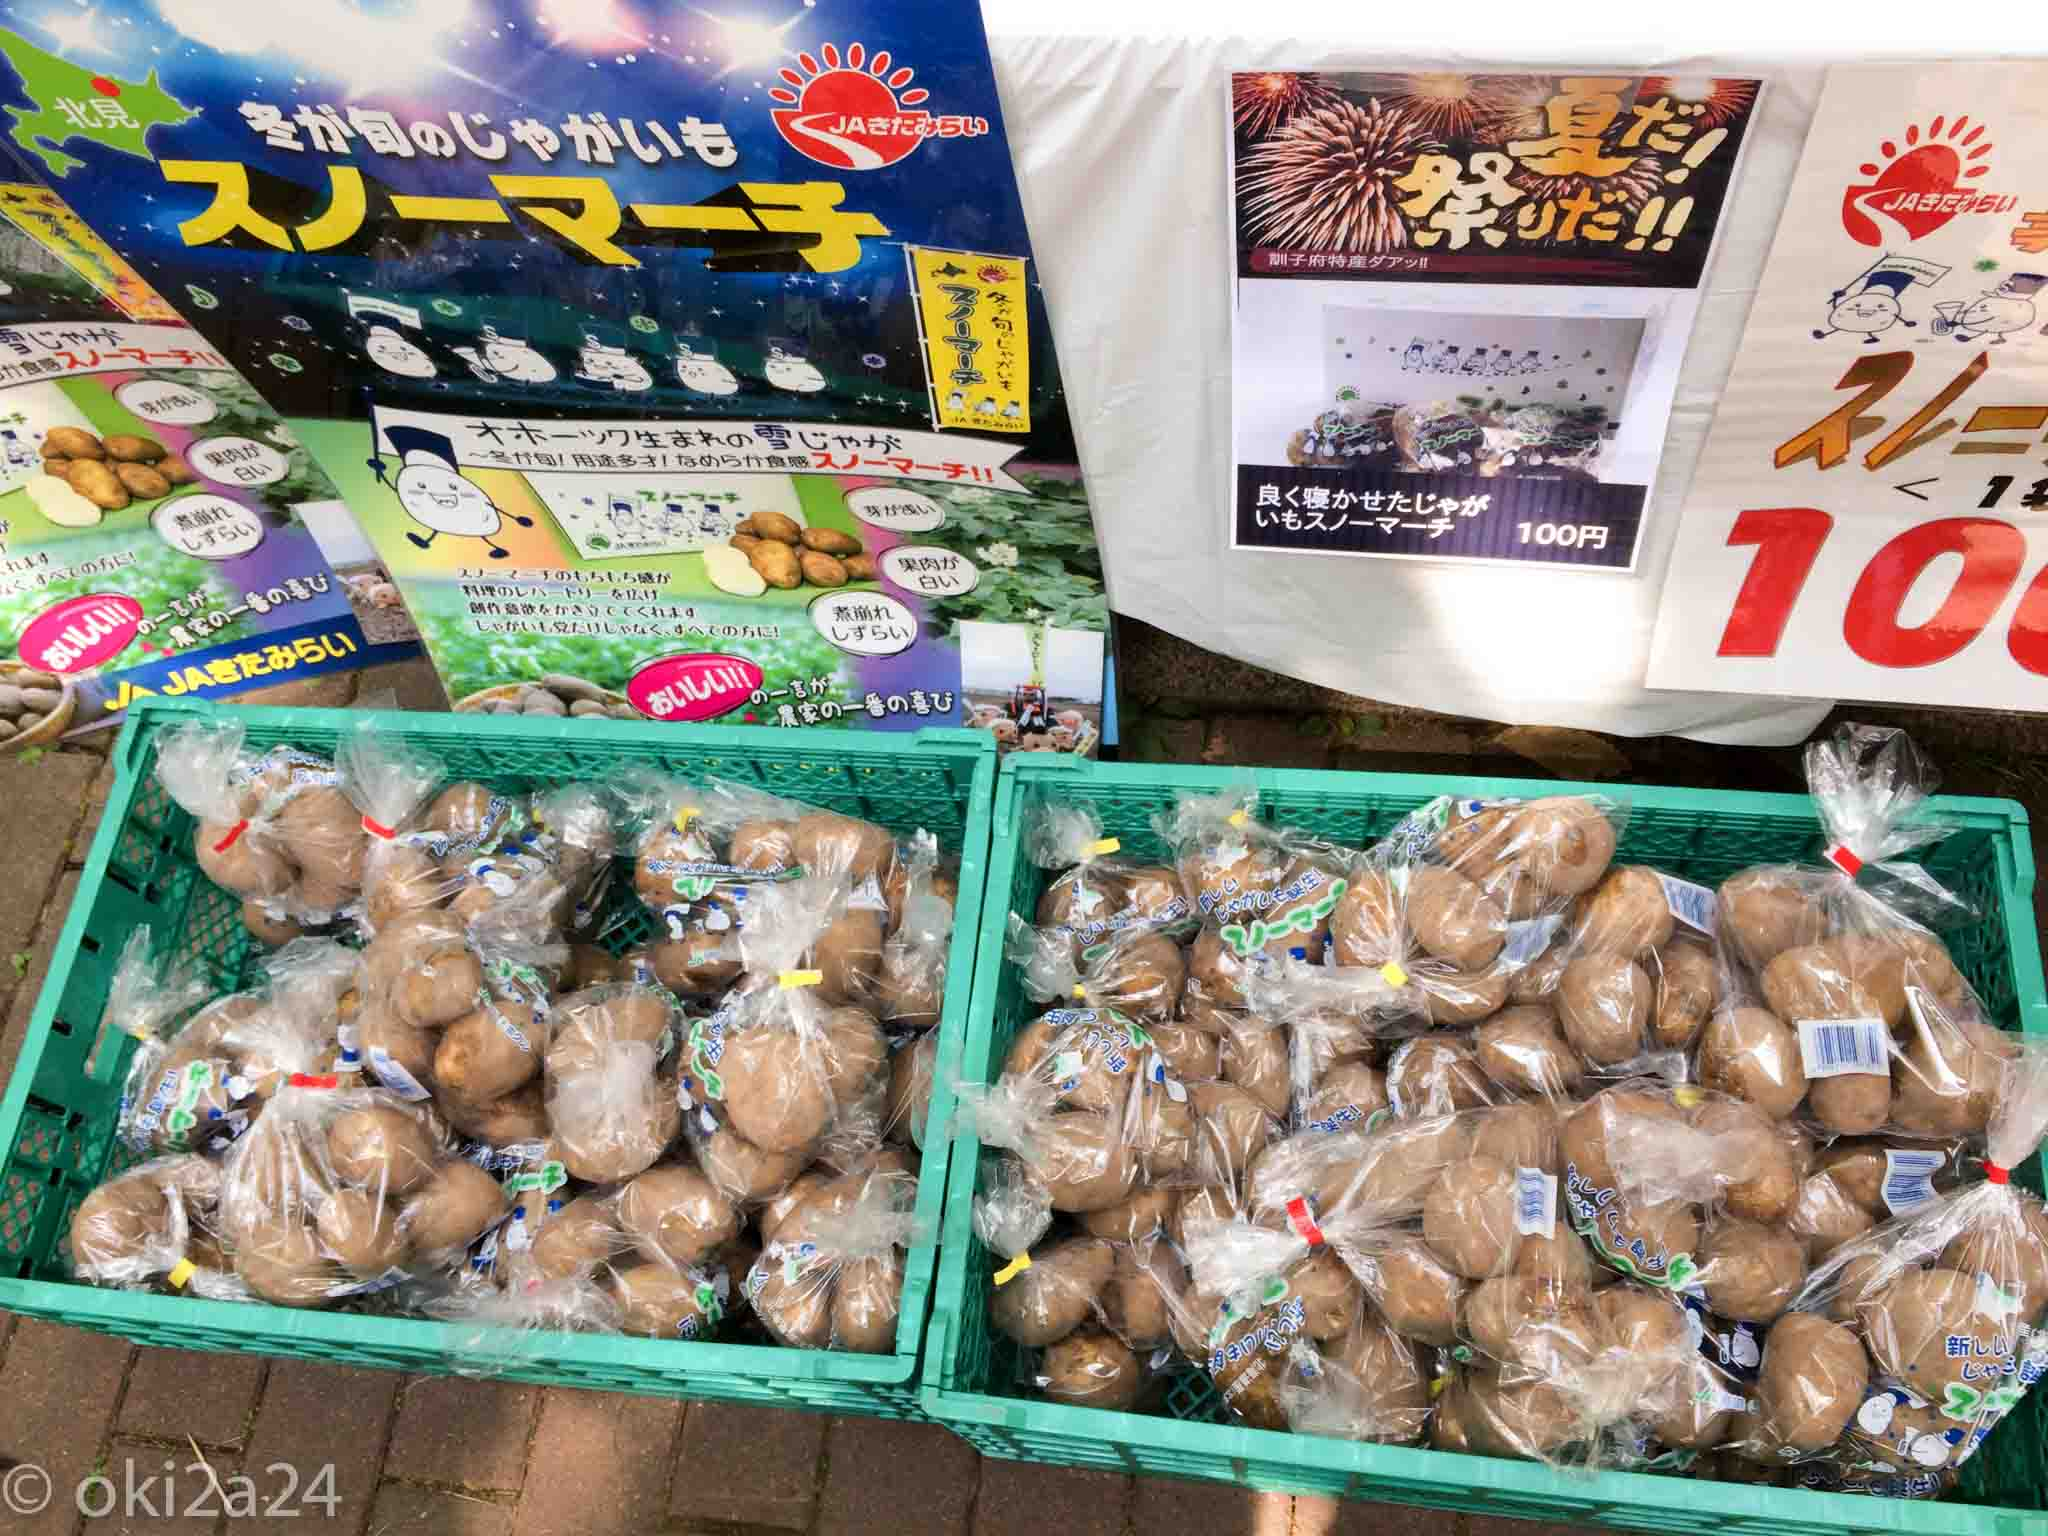 訓子府馬鈴薯耕作組合。じゃがいものスノーマーチは1袋に5個位入って100円。お値打ち♪